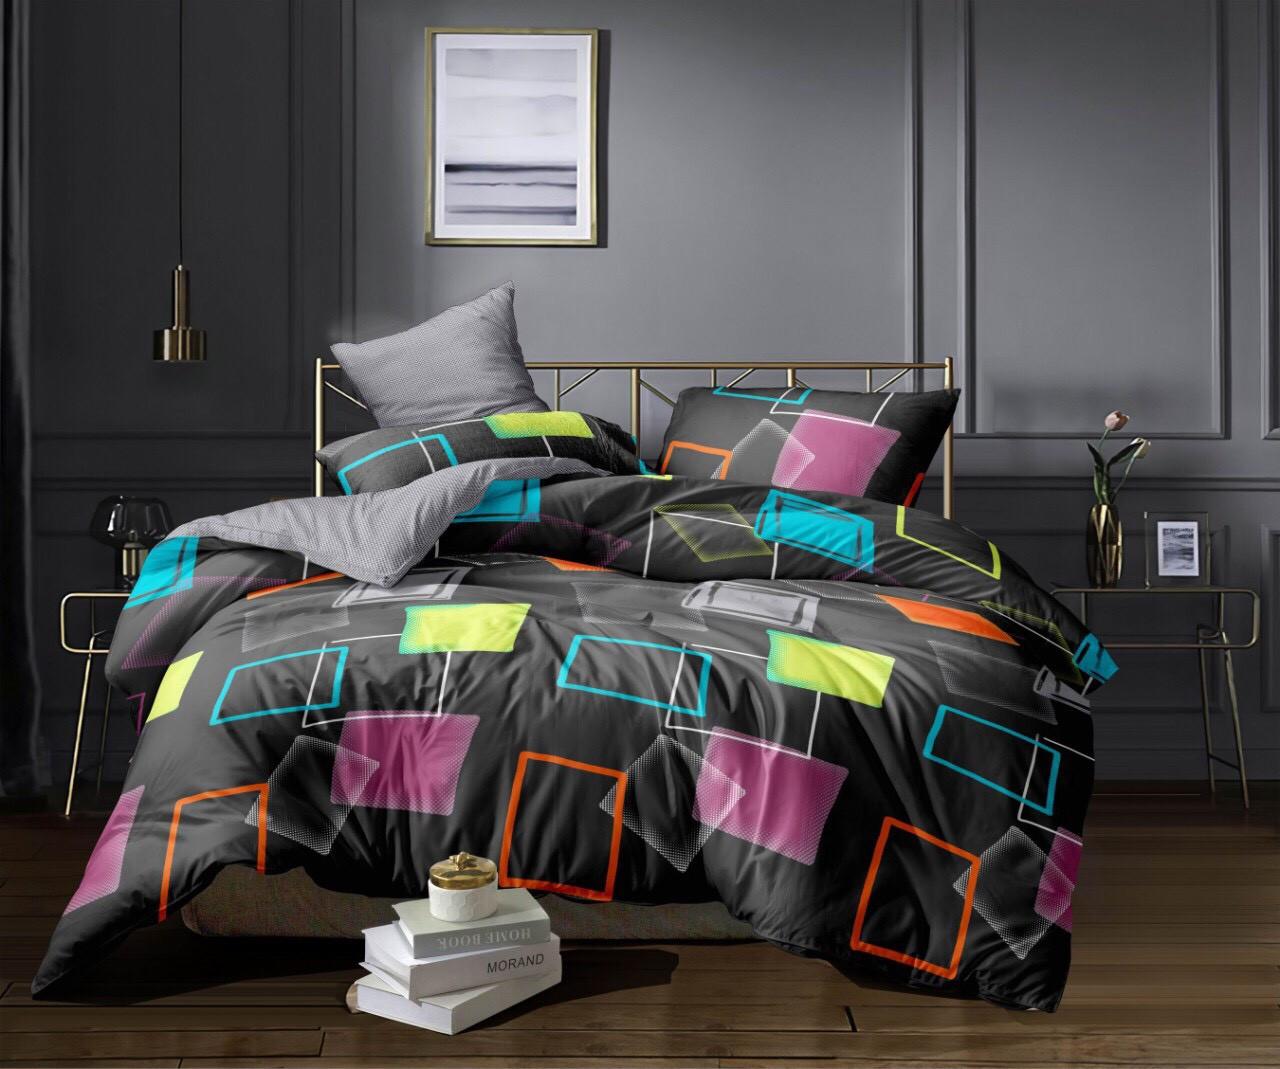 Полуторный комплект постельного белья (сатин, 150х220 см)